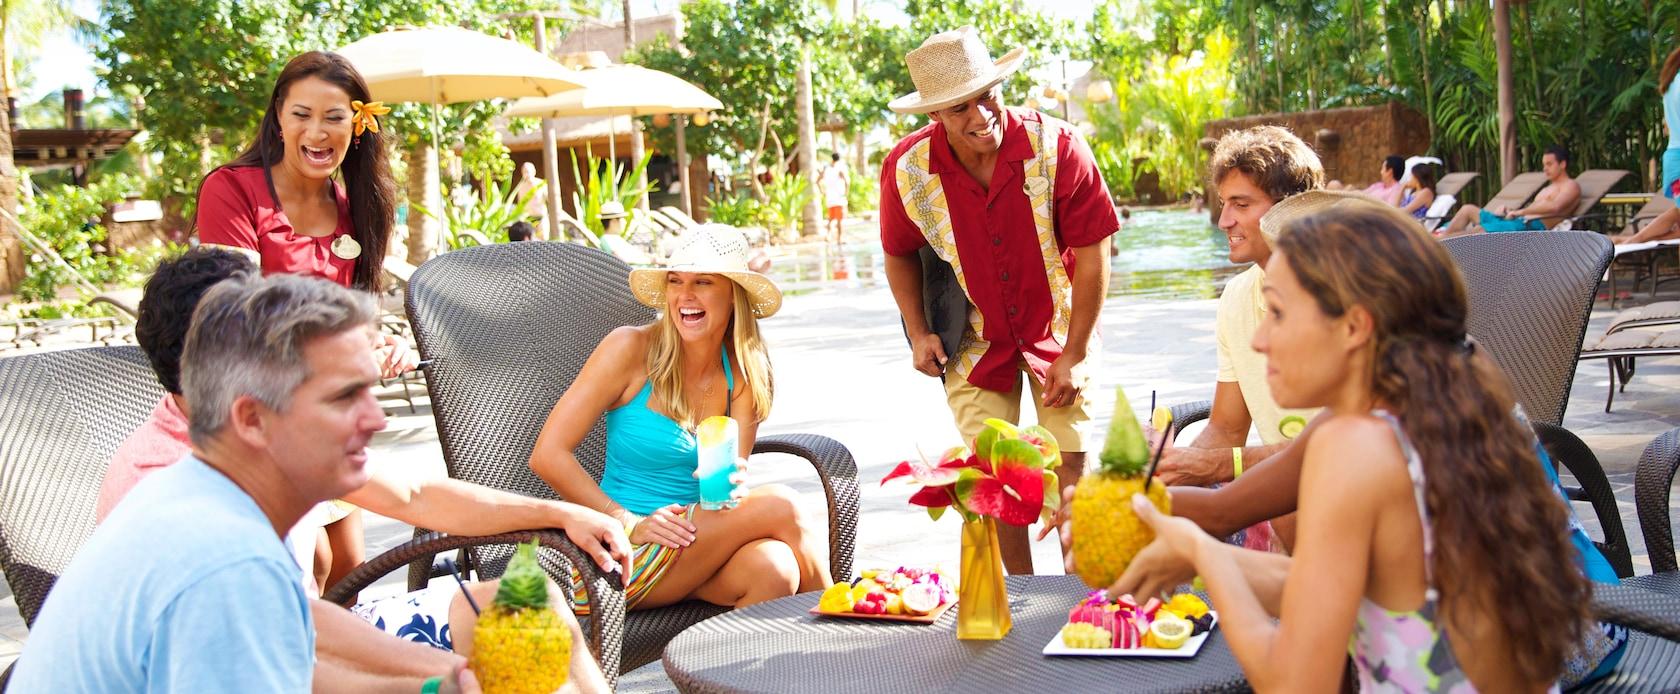 プール近くのテーブルで、パイナップル・ドリンクやトロピカル・フルーツ・プレートを楽しむ 3 組のカップルには、 2 人のウェイターが応対いたします